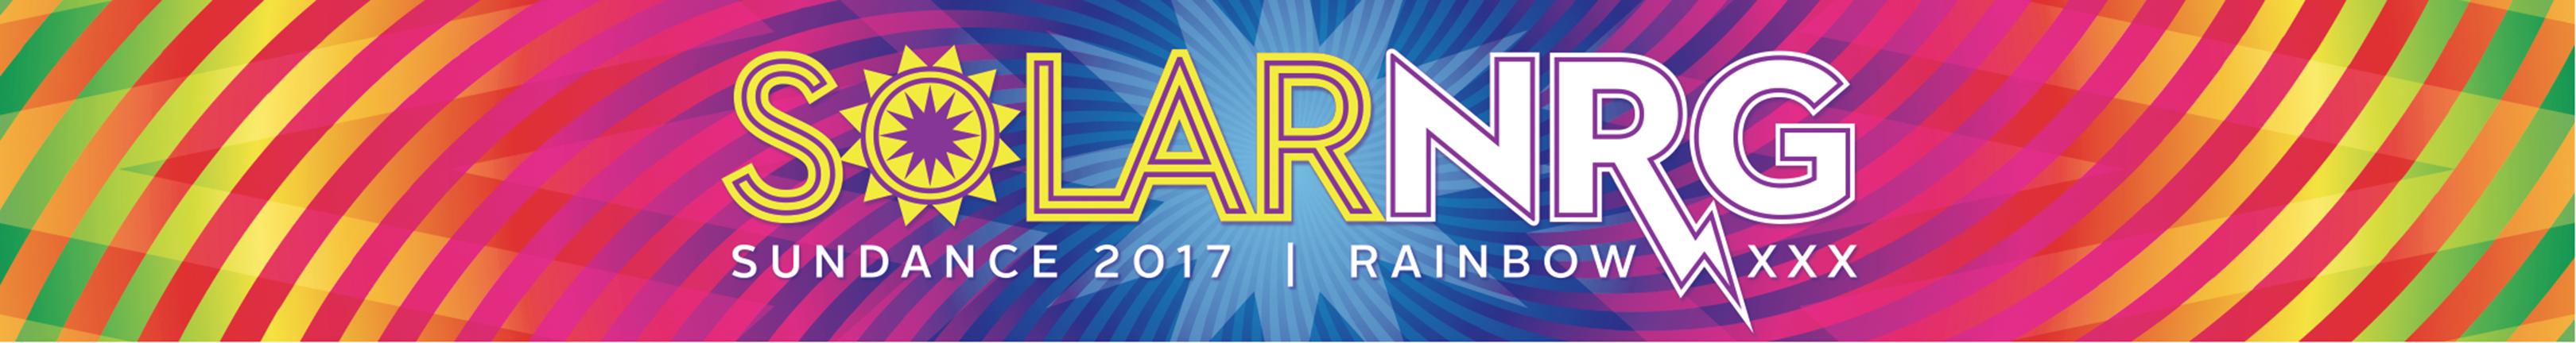 Sundance 2017 - Rainbow XXX - Solar Energy